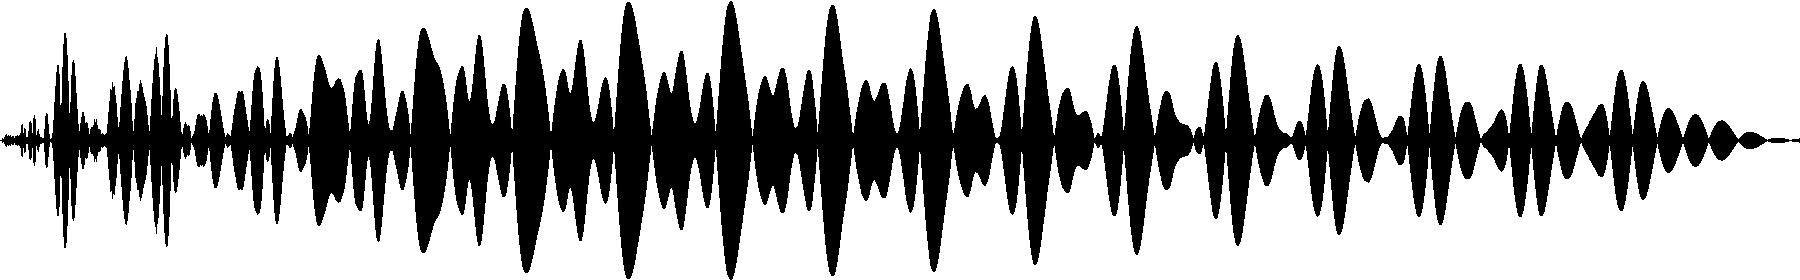 vedh bass cut 064 b